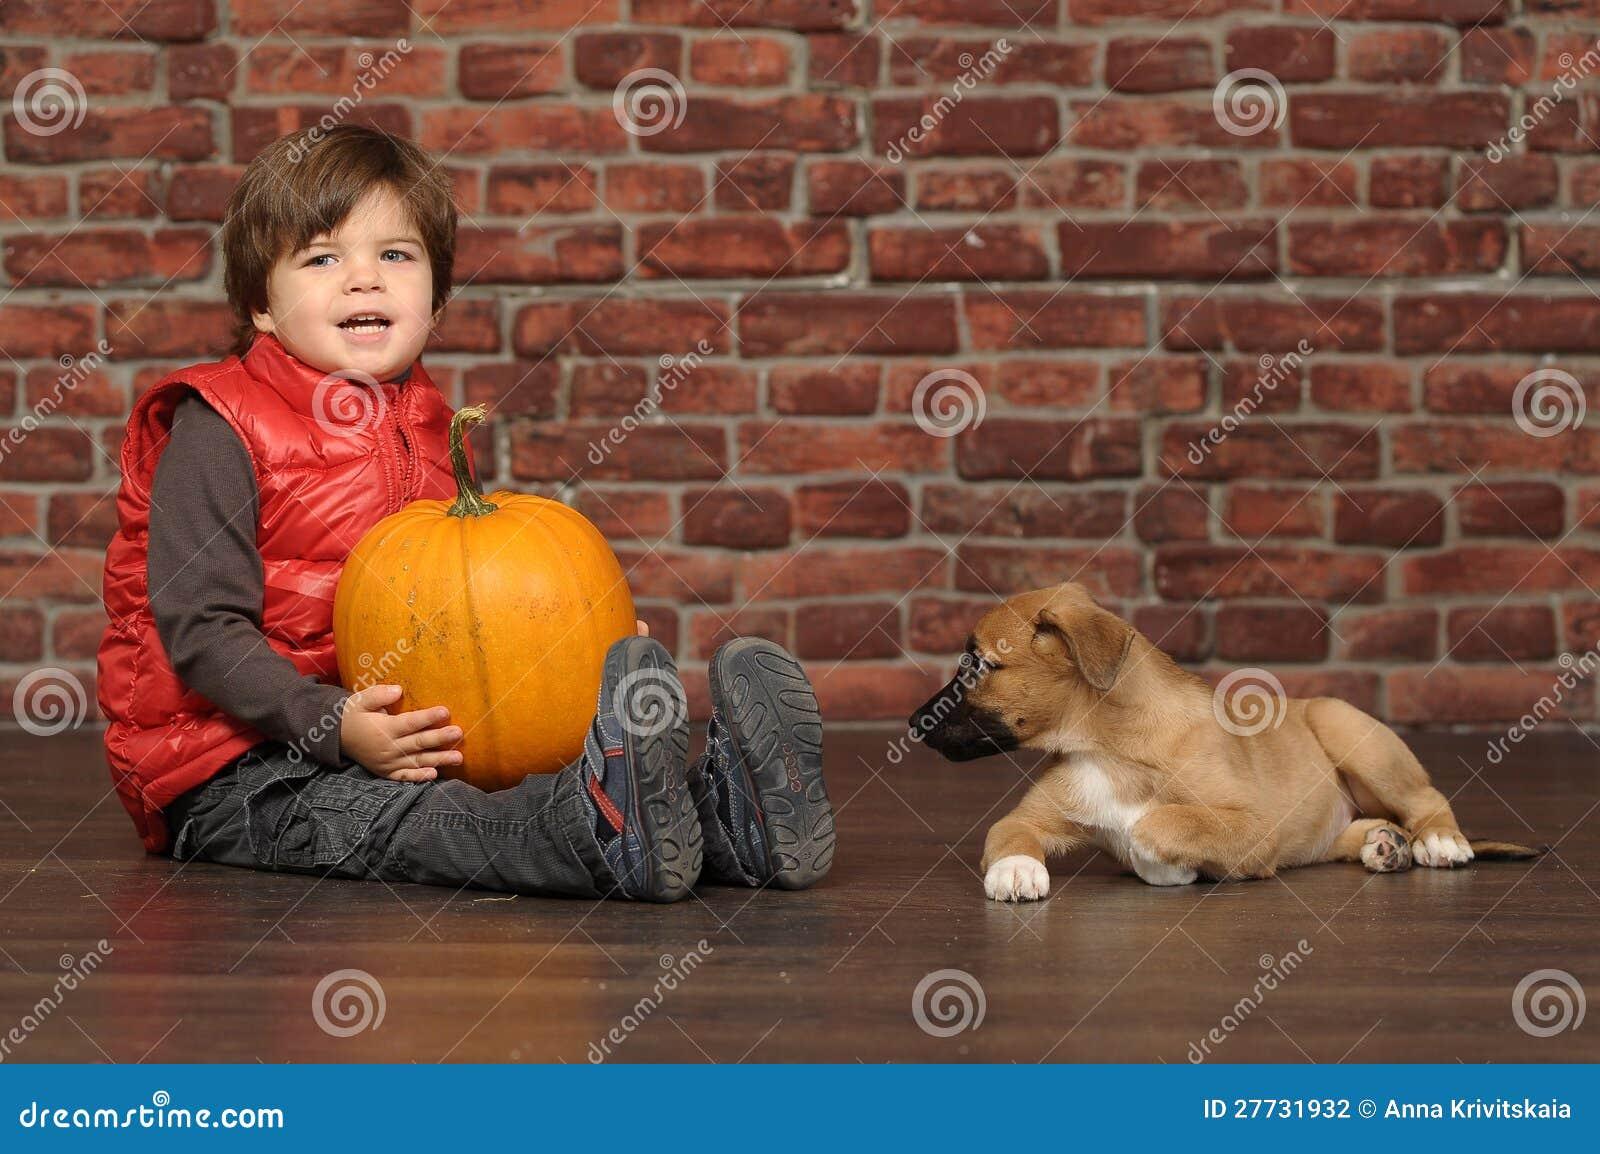 Junge mit einem Welpen